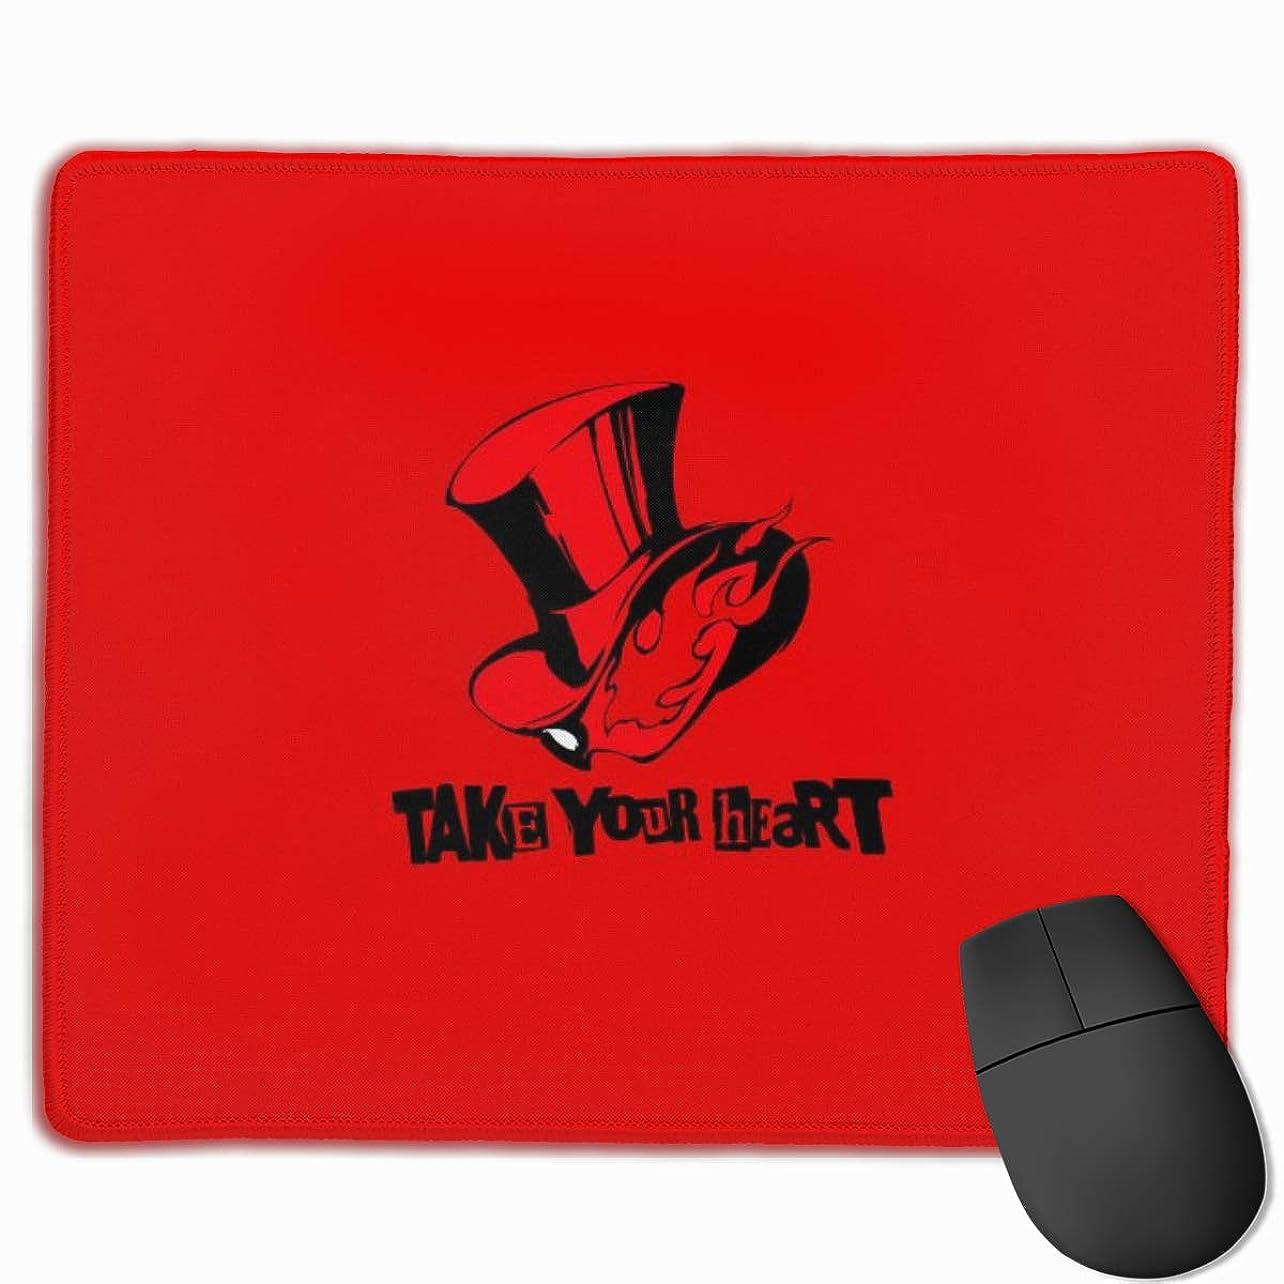 廃棄する上回る解き明かすP5ペルソナ マウスパッド 多用途の 耐久性が良い ゲーム オフィス用滑り止めラバー厚手マット 25x30x0.3cm